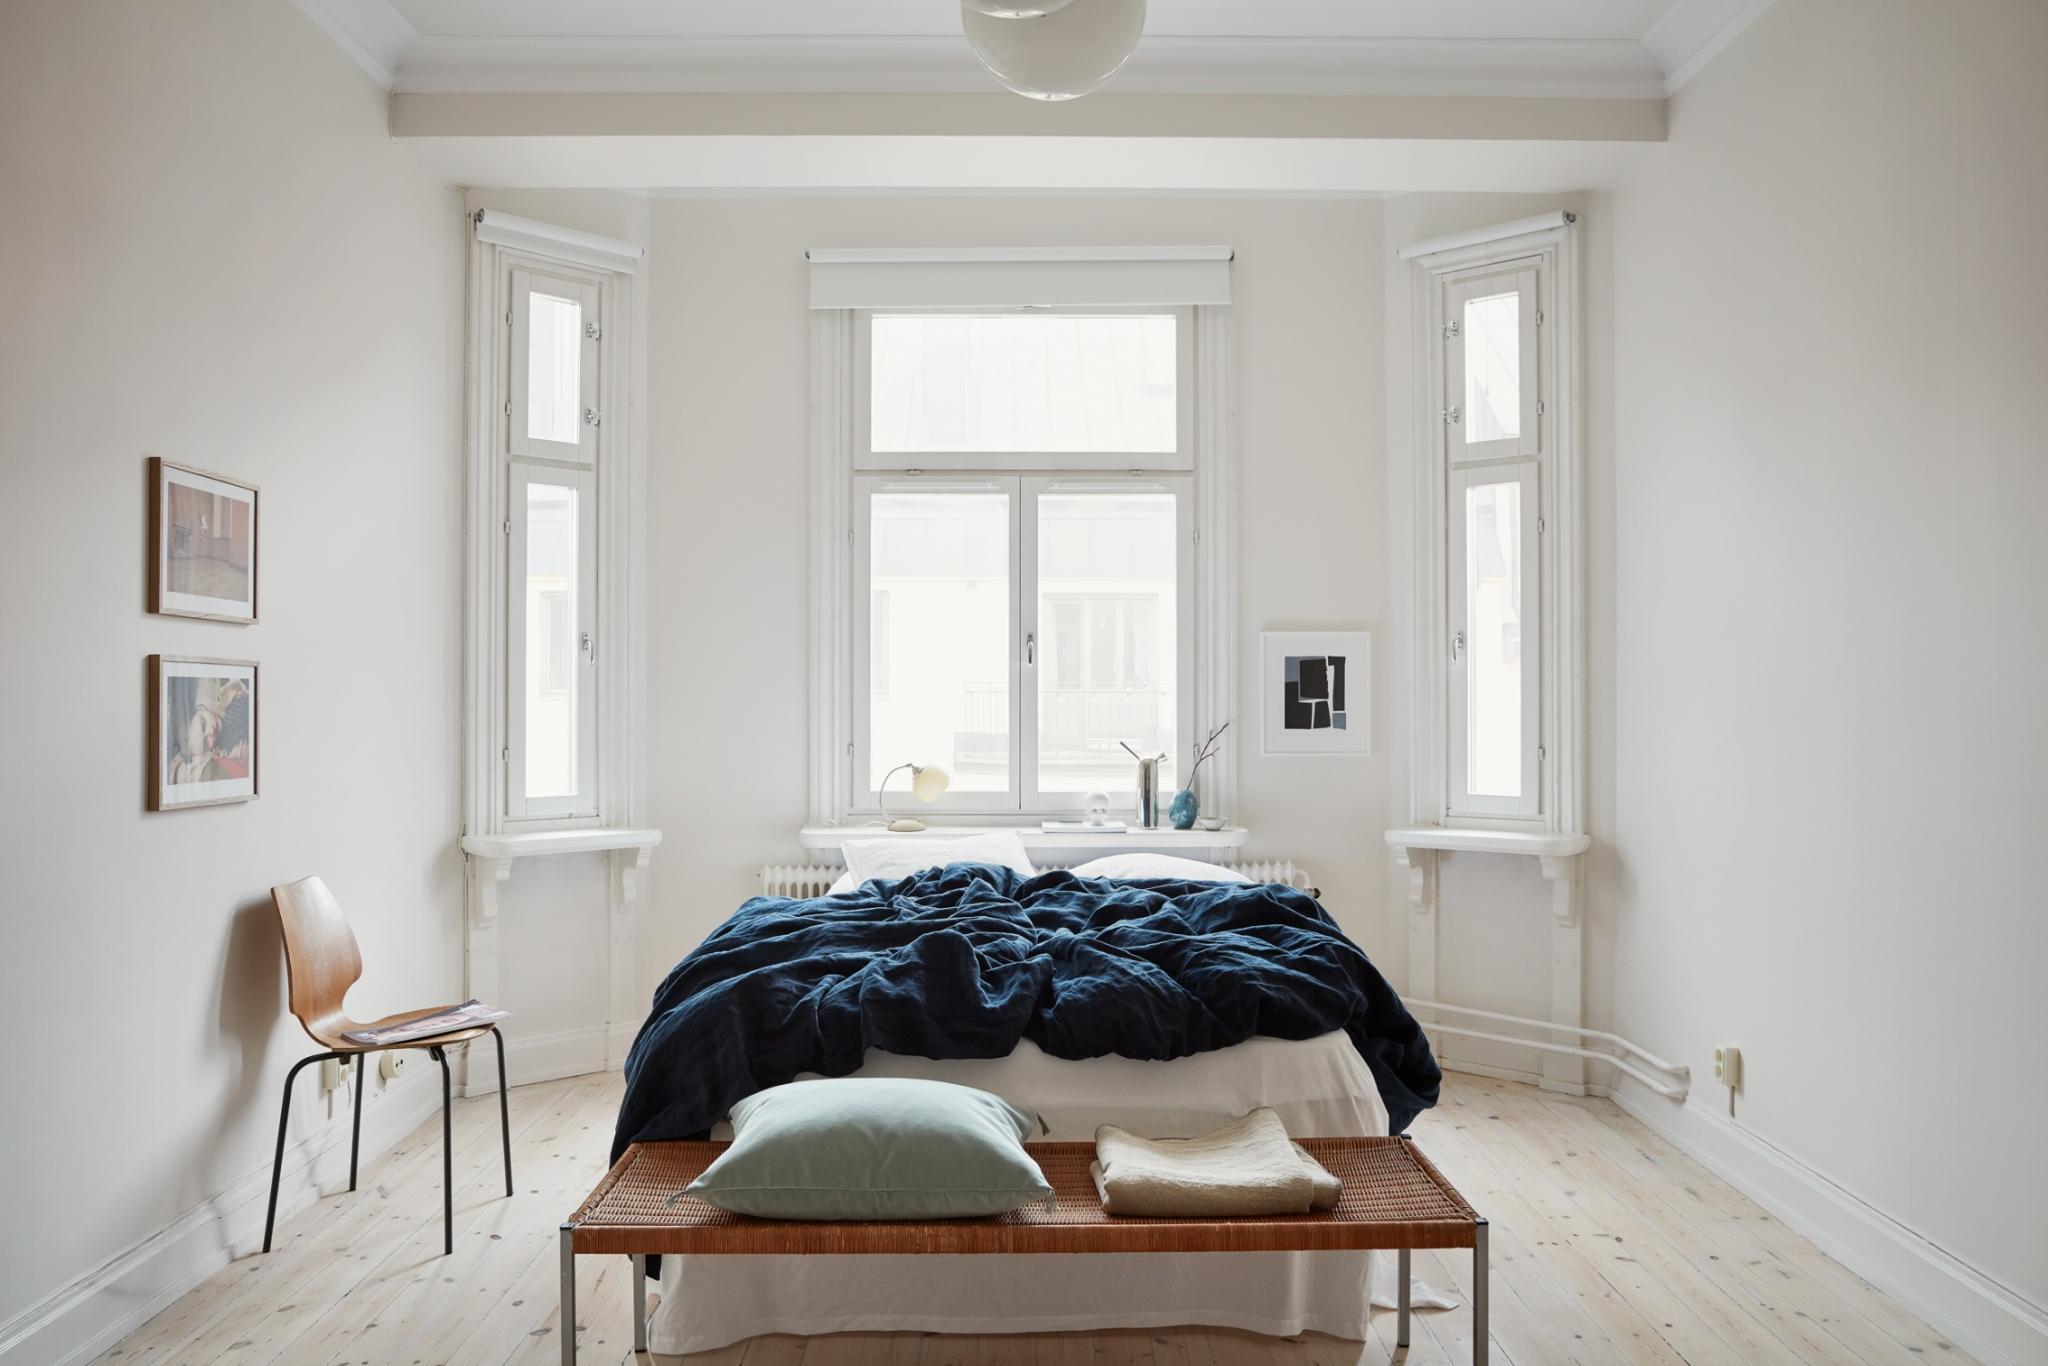 bedroom cozy open light